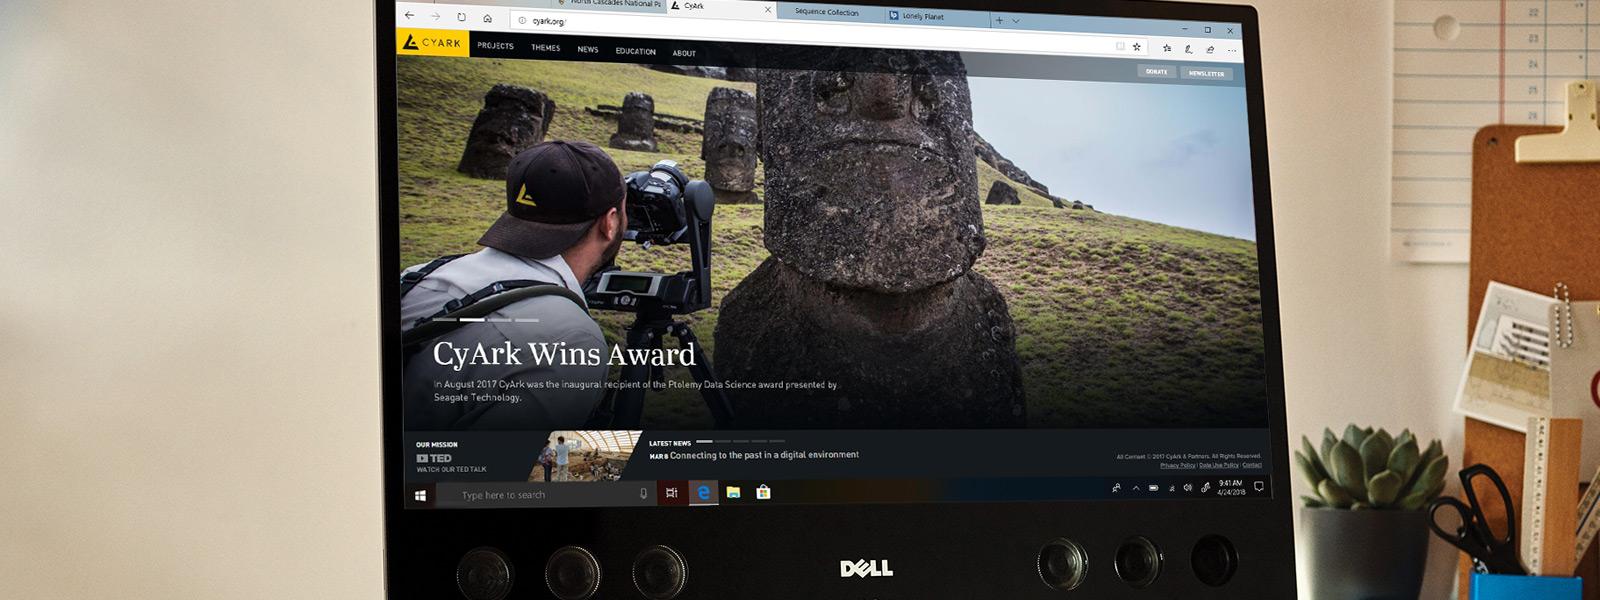 Számítógép-monitor asztalon, a Microsoft Edge böngészőben 4K Ultra HD felbontású videó lejátszásával.